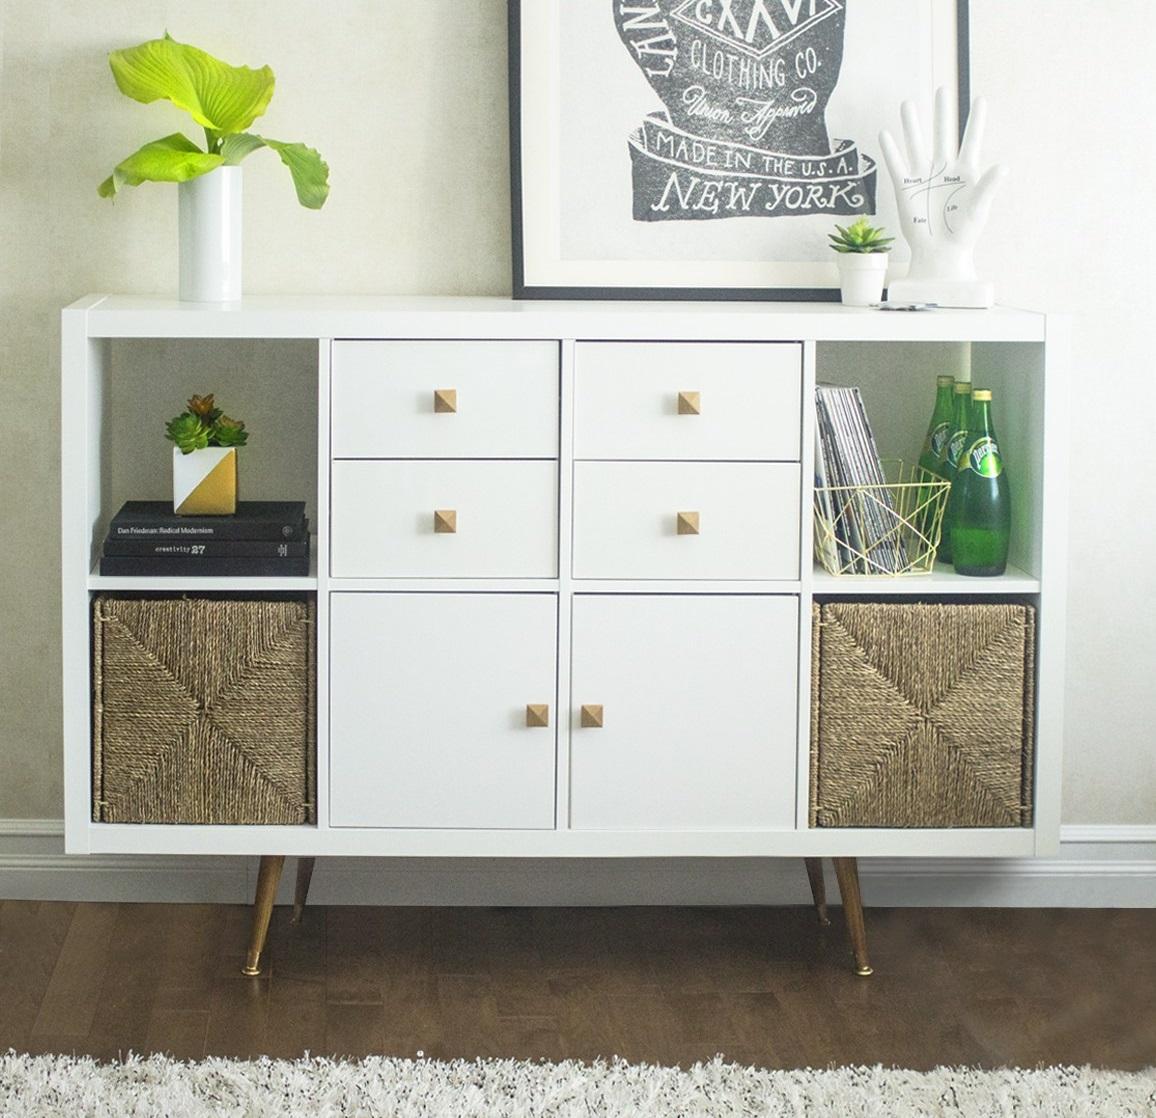 Diy estanter a kallax de ikea interiores chic blog de decoraci n n rdica - Diy meuble ikea ...